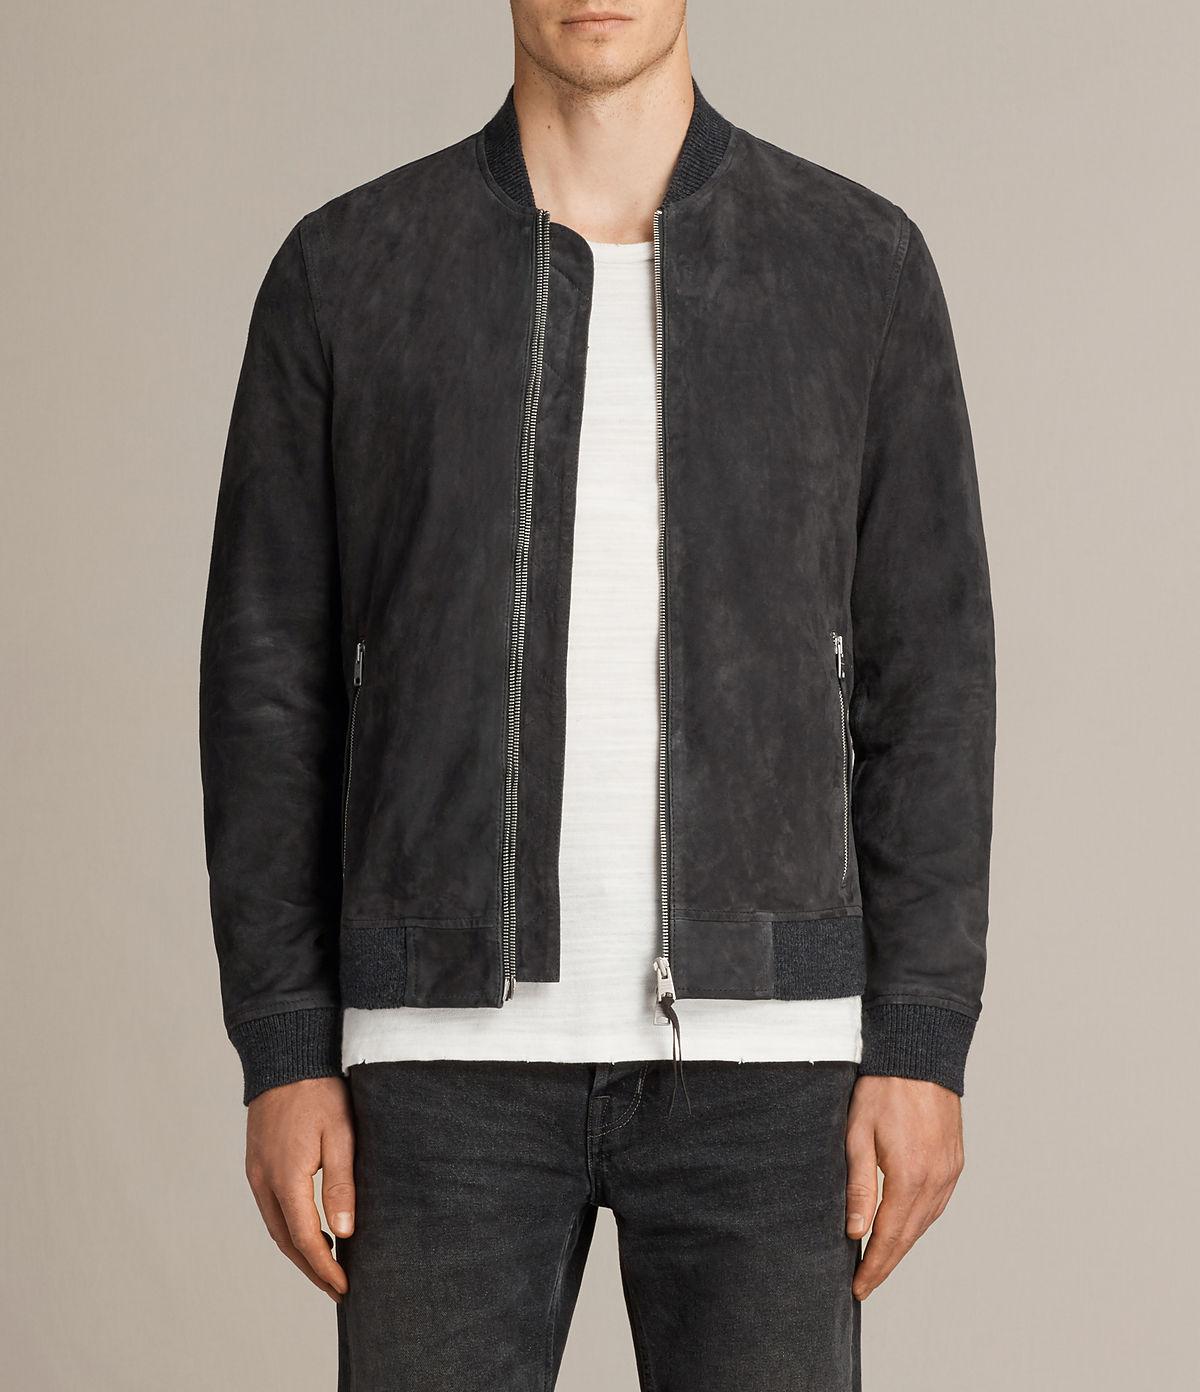 kaigo-suede-bomber-jacket